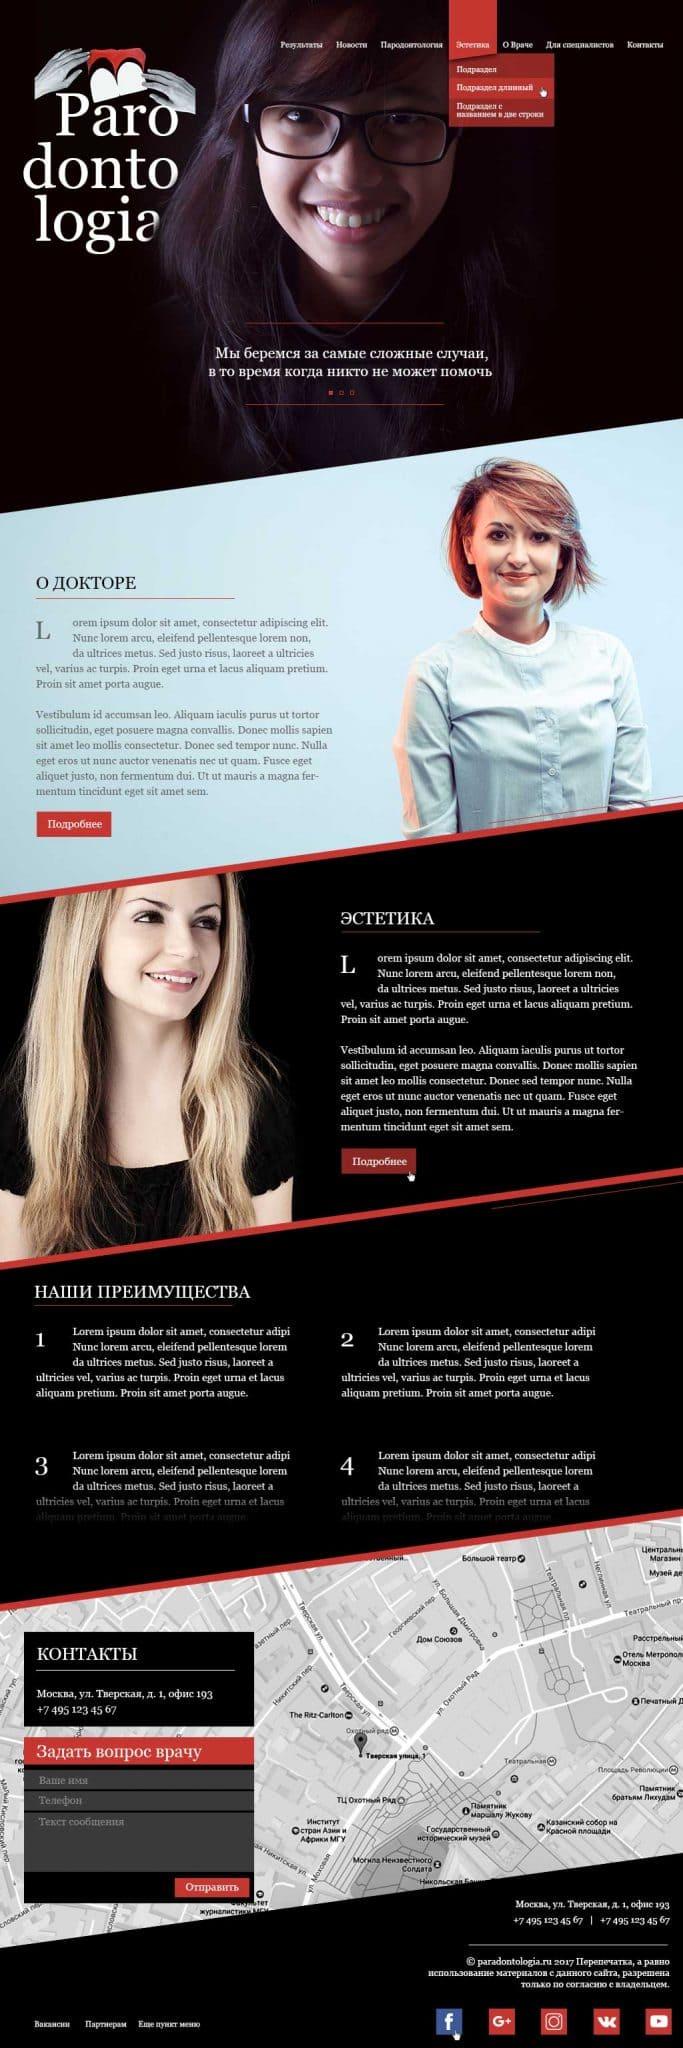 Дизайн медицинского сайта для стоматологической клиники